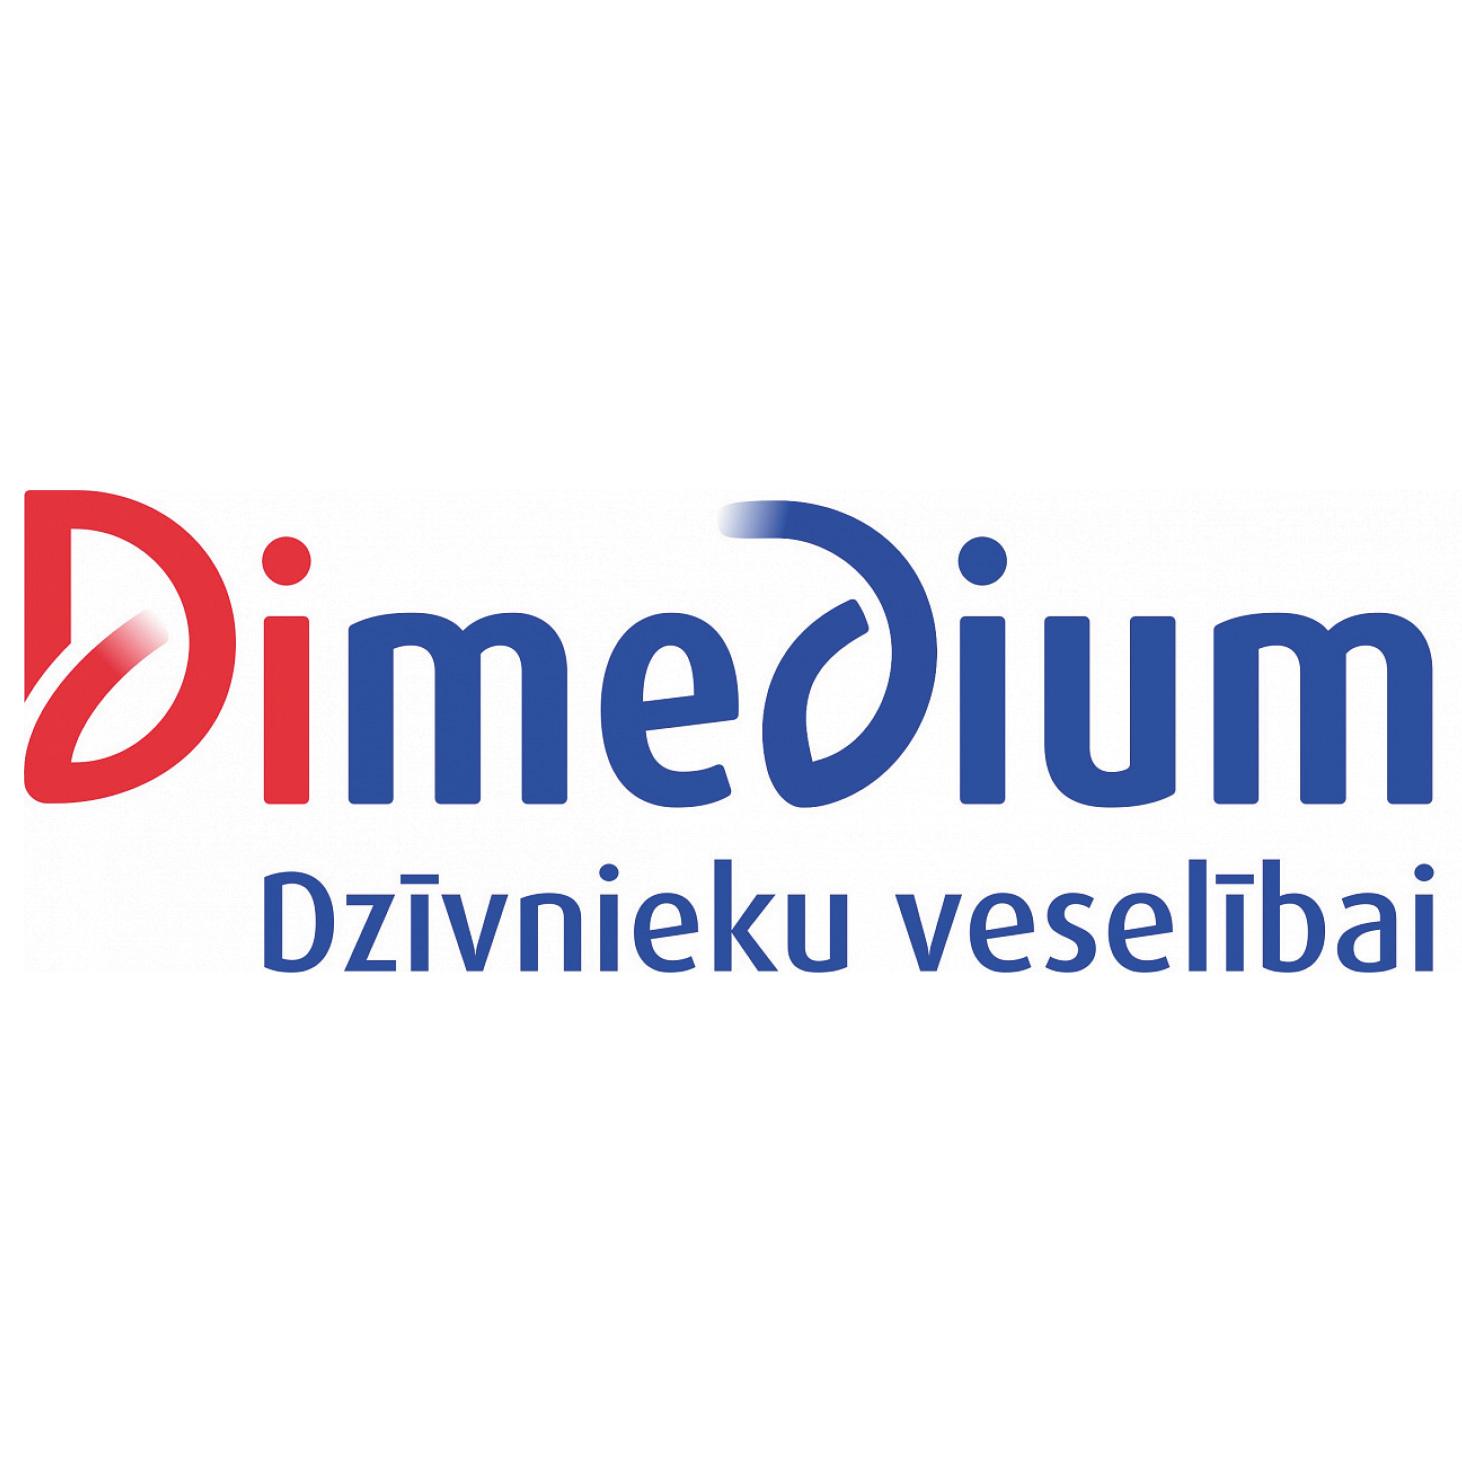 Dimedium